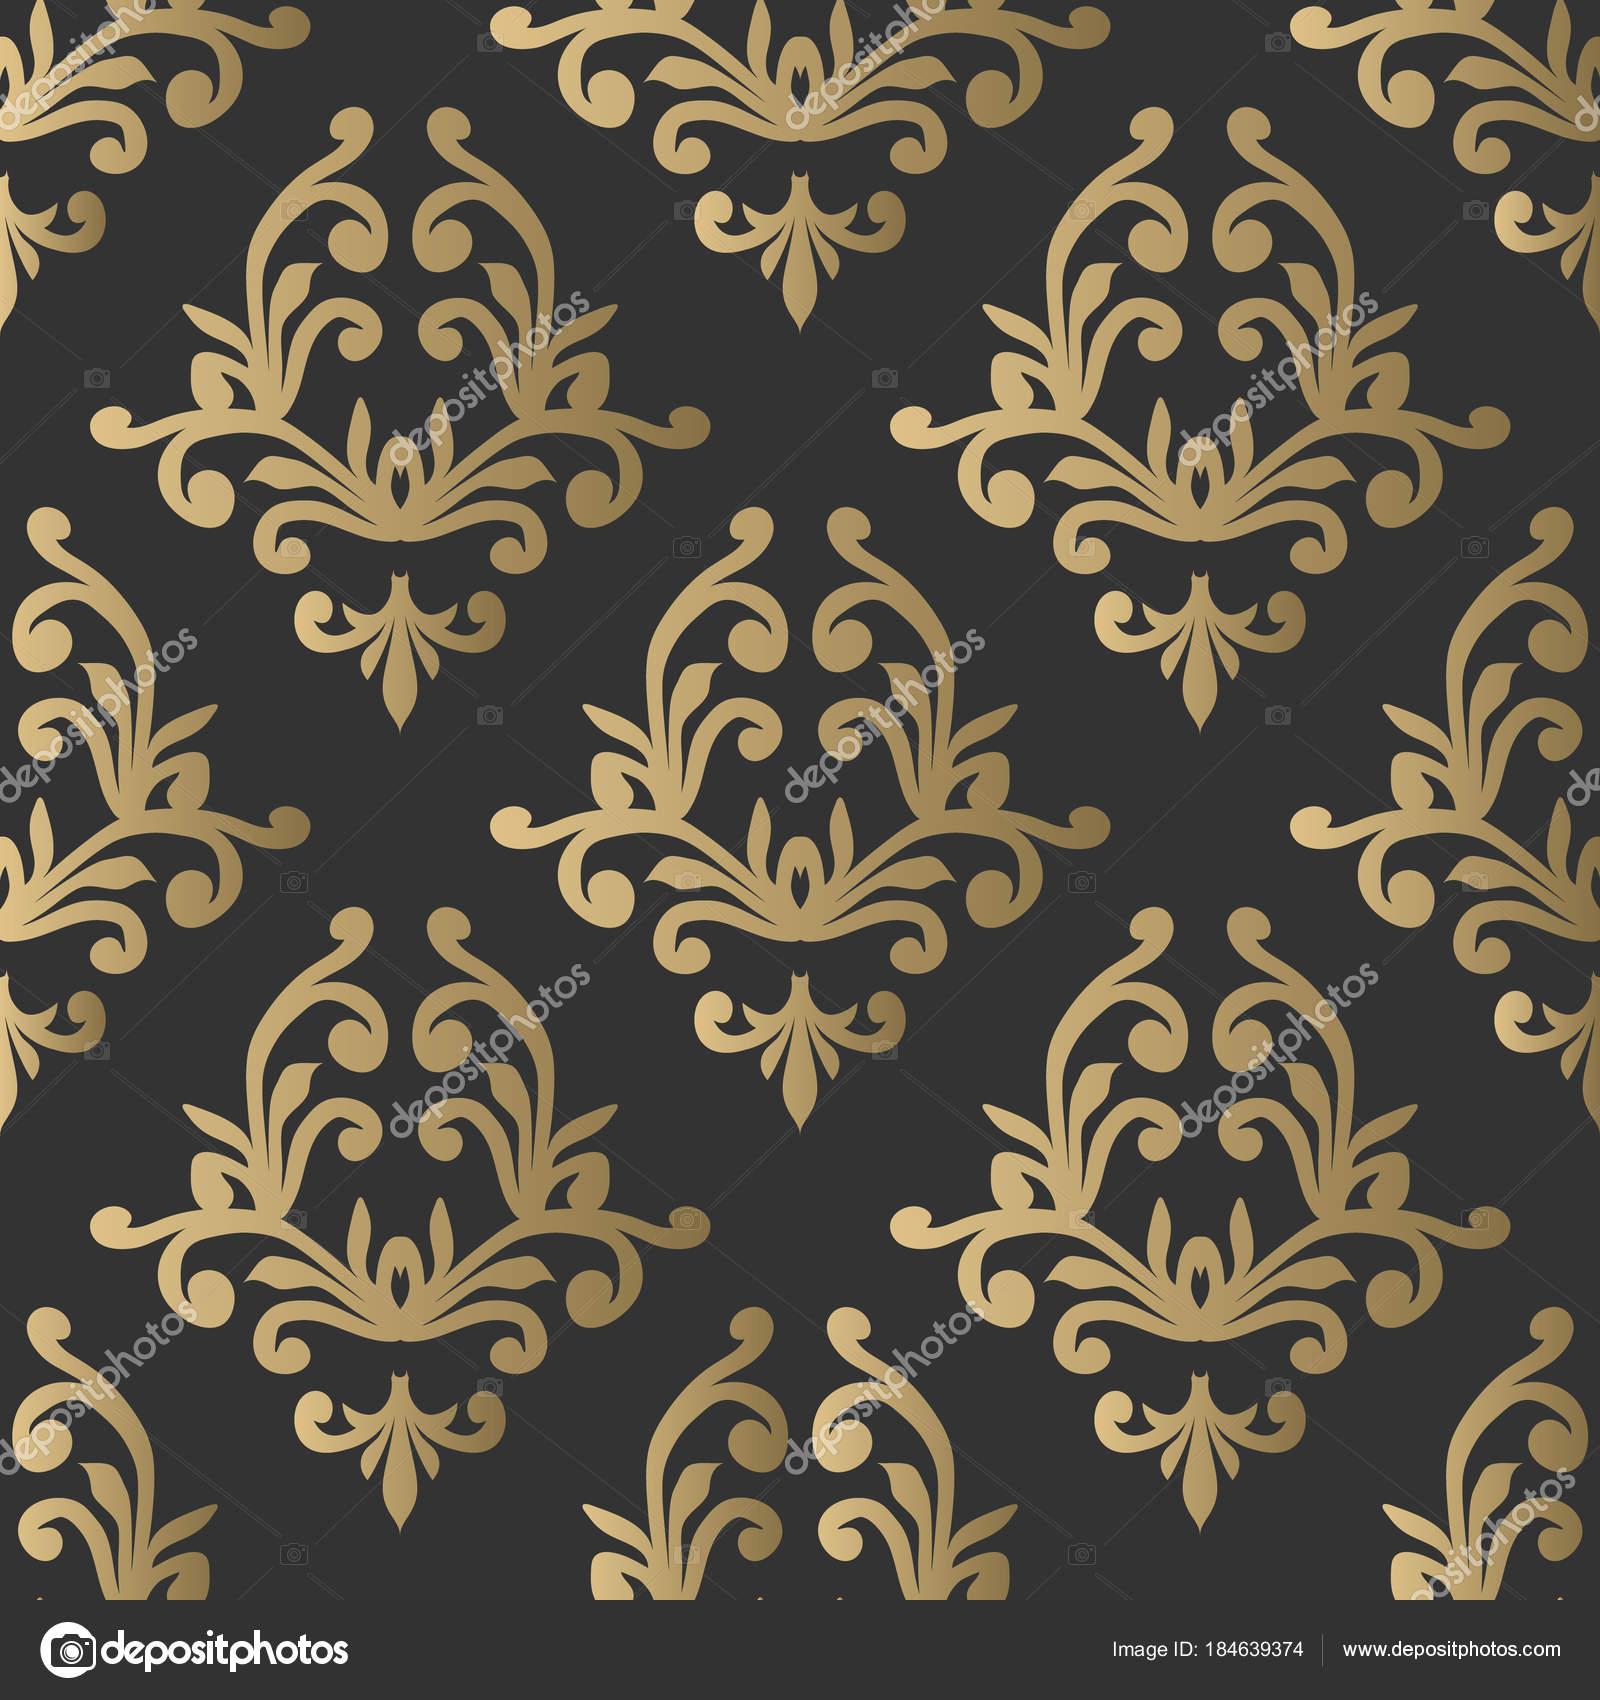 Vintage Nahtlose Muster Floral Verzierte Tapete Dunkle Vektor